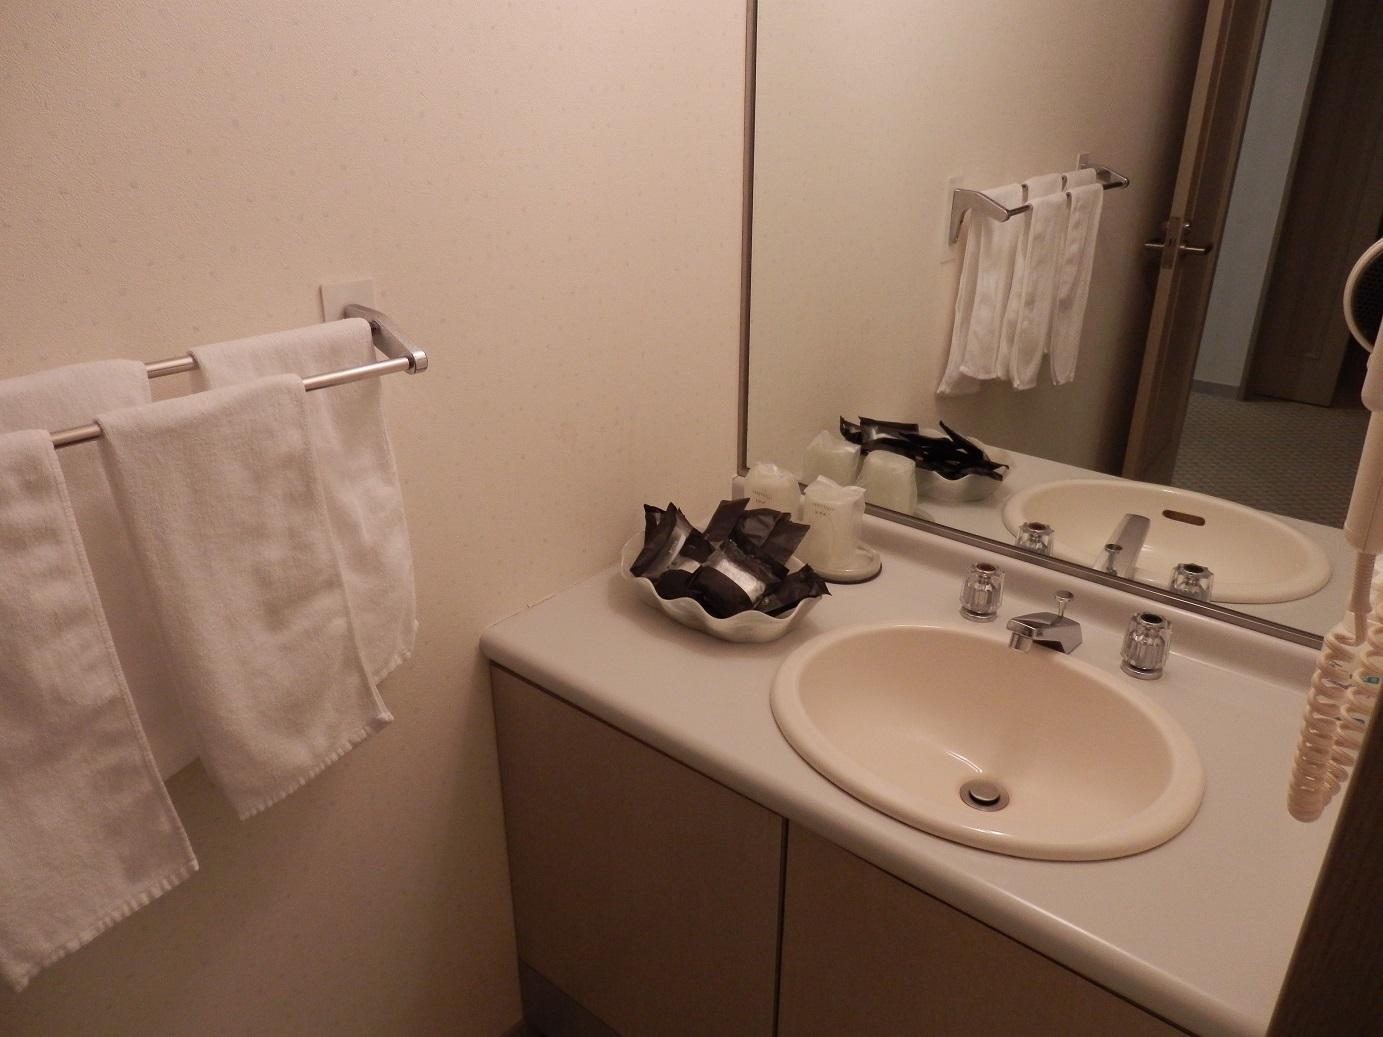 ホテルアンビエント蓼科、洗面台。